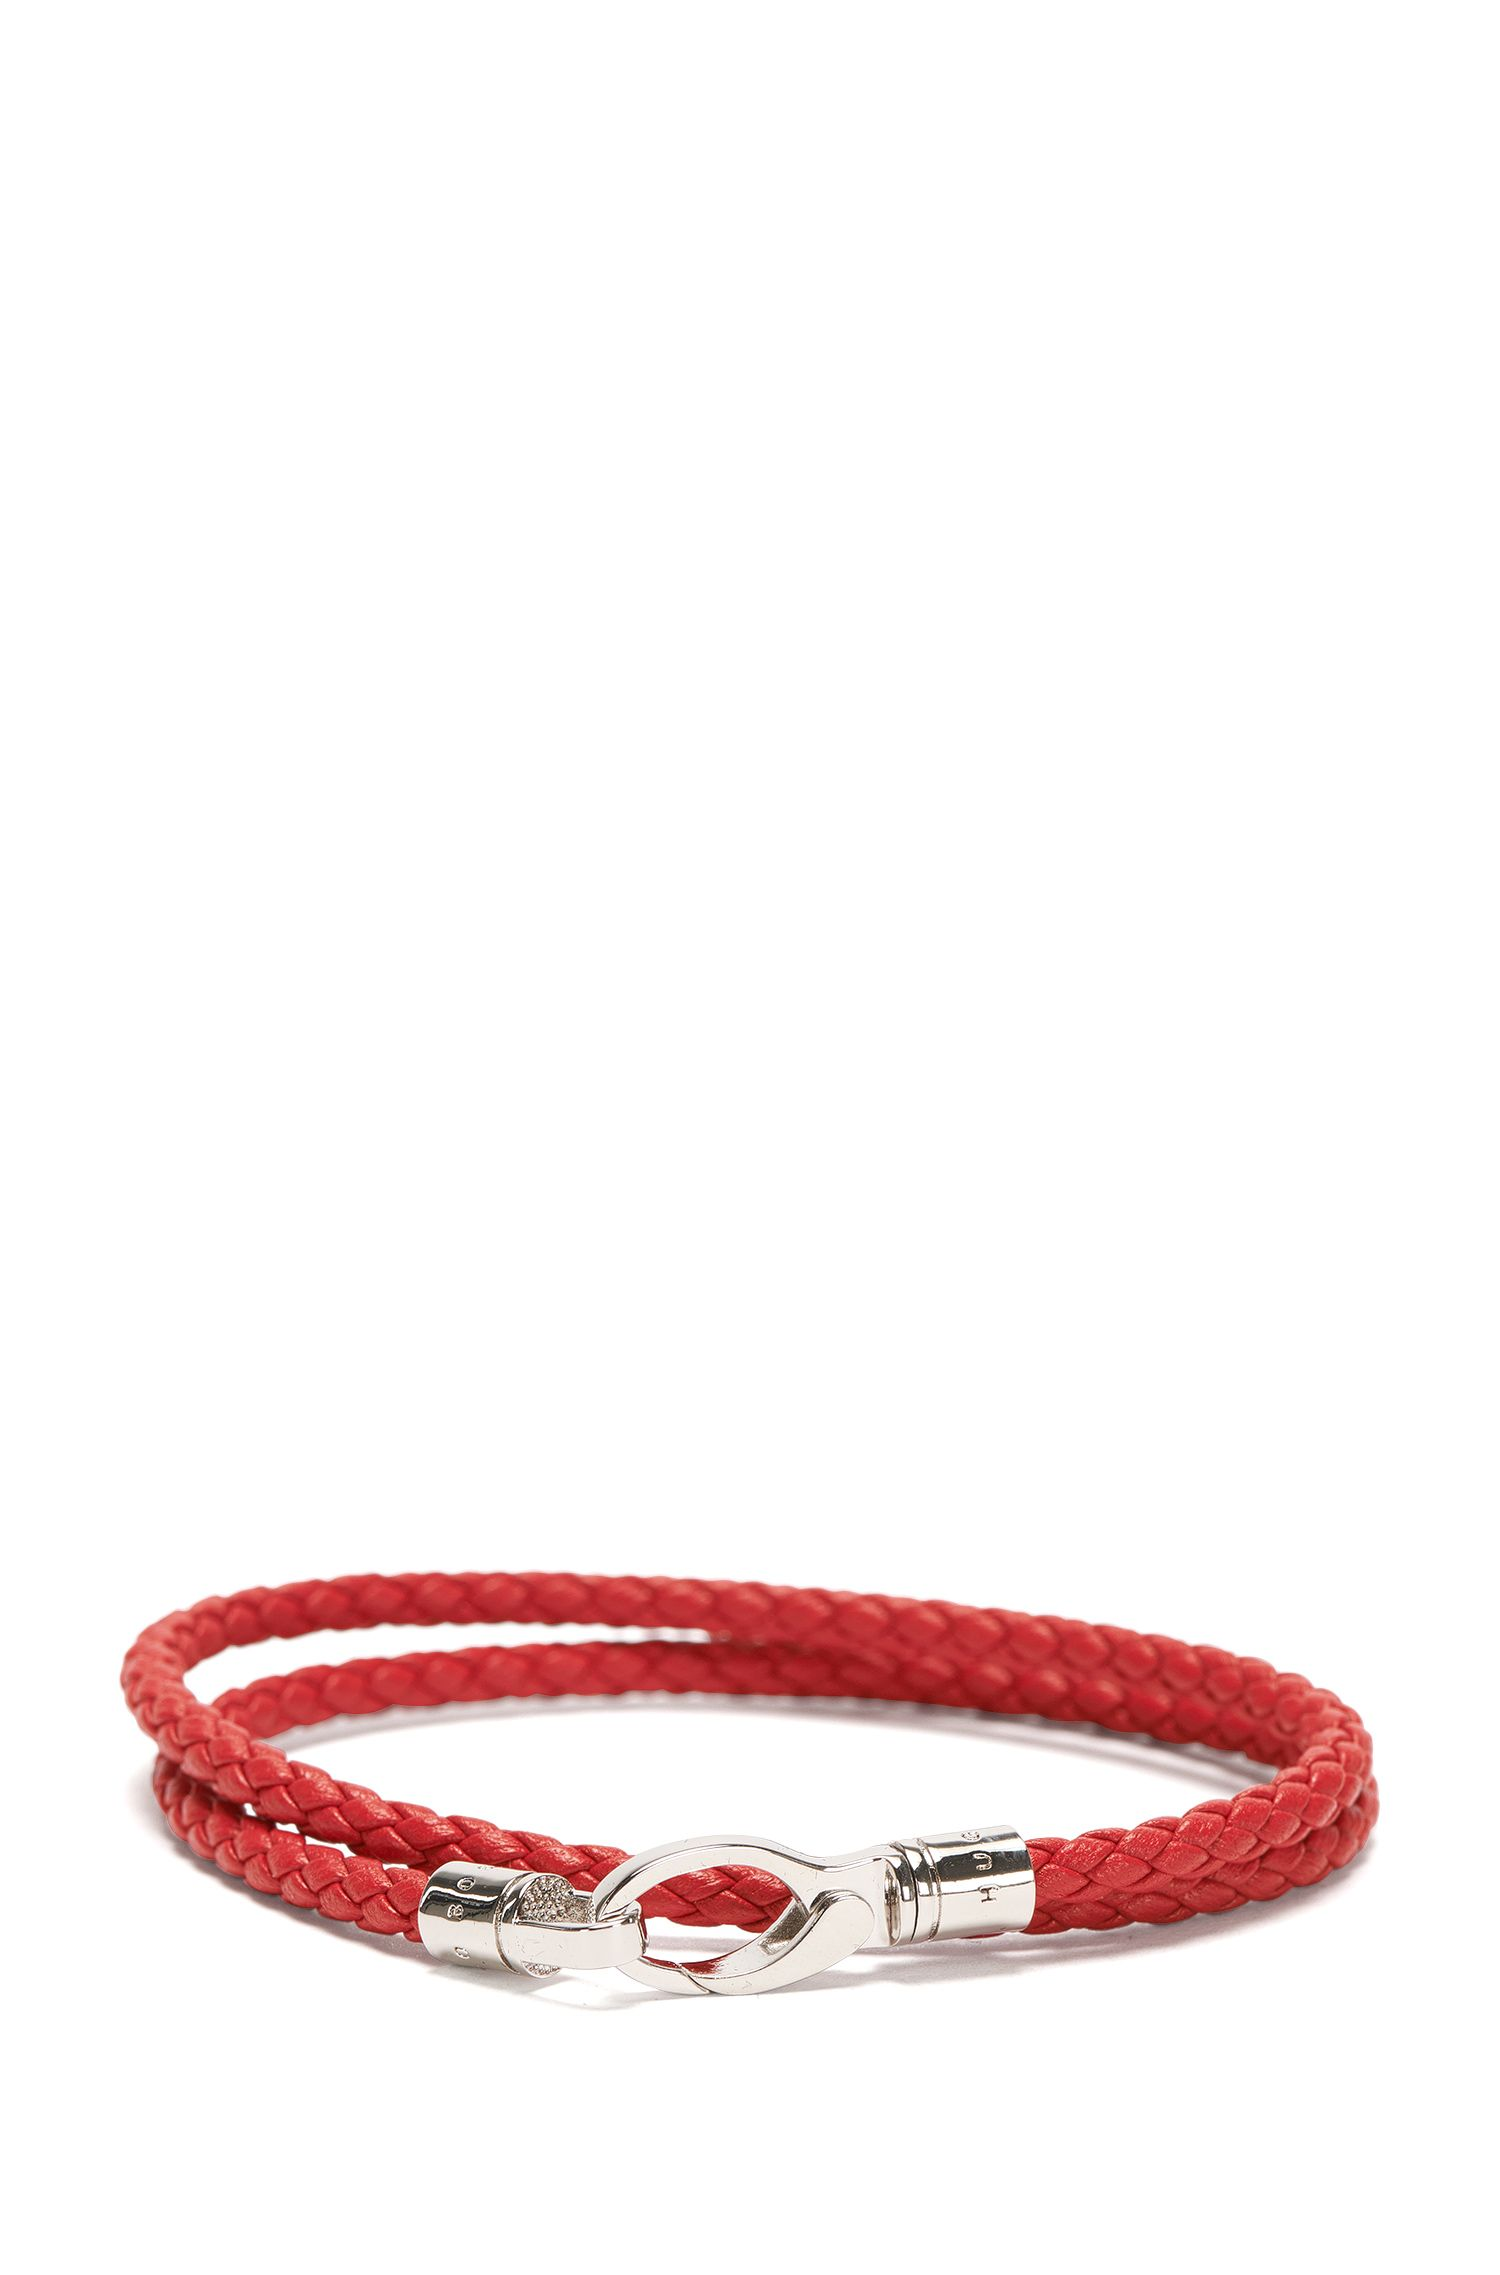 'Benjamin' | Calfskin Double Braided Bracelet